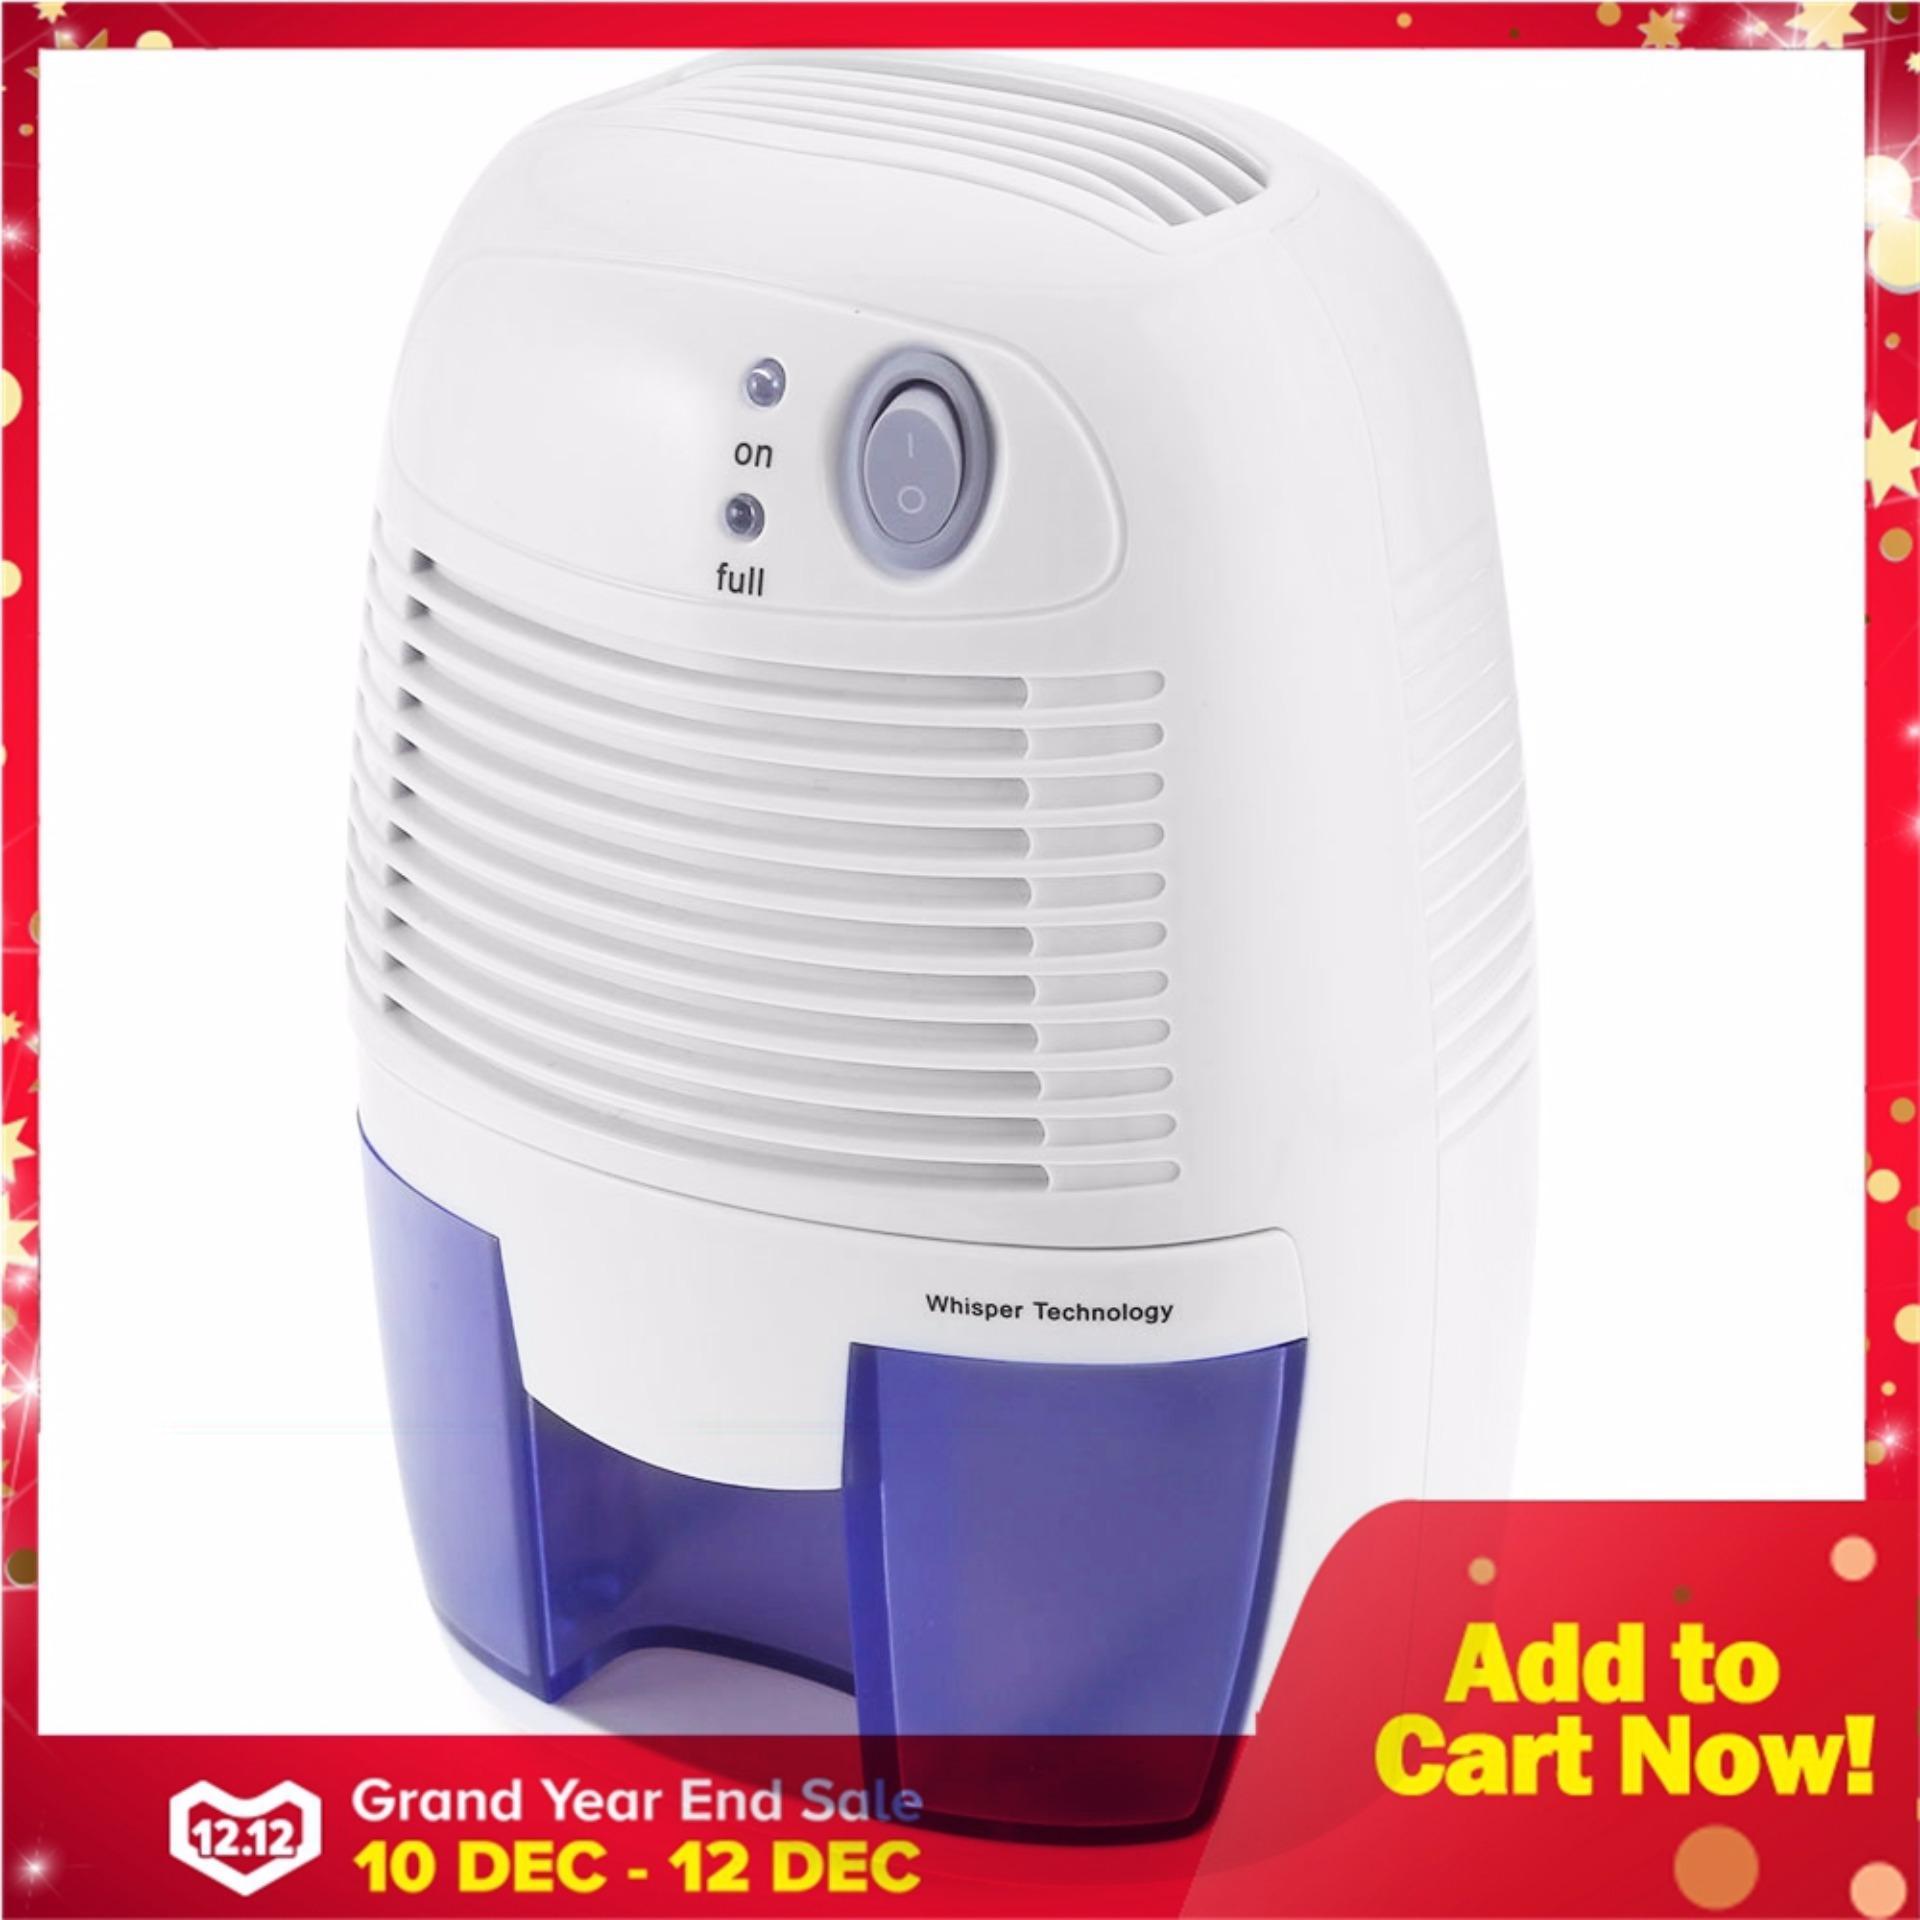 23W 500ML Portable Mini Dehumidifier Electric Quiet Air Dryer For Home Bathroom